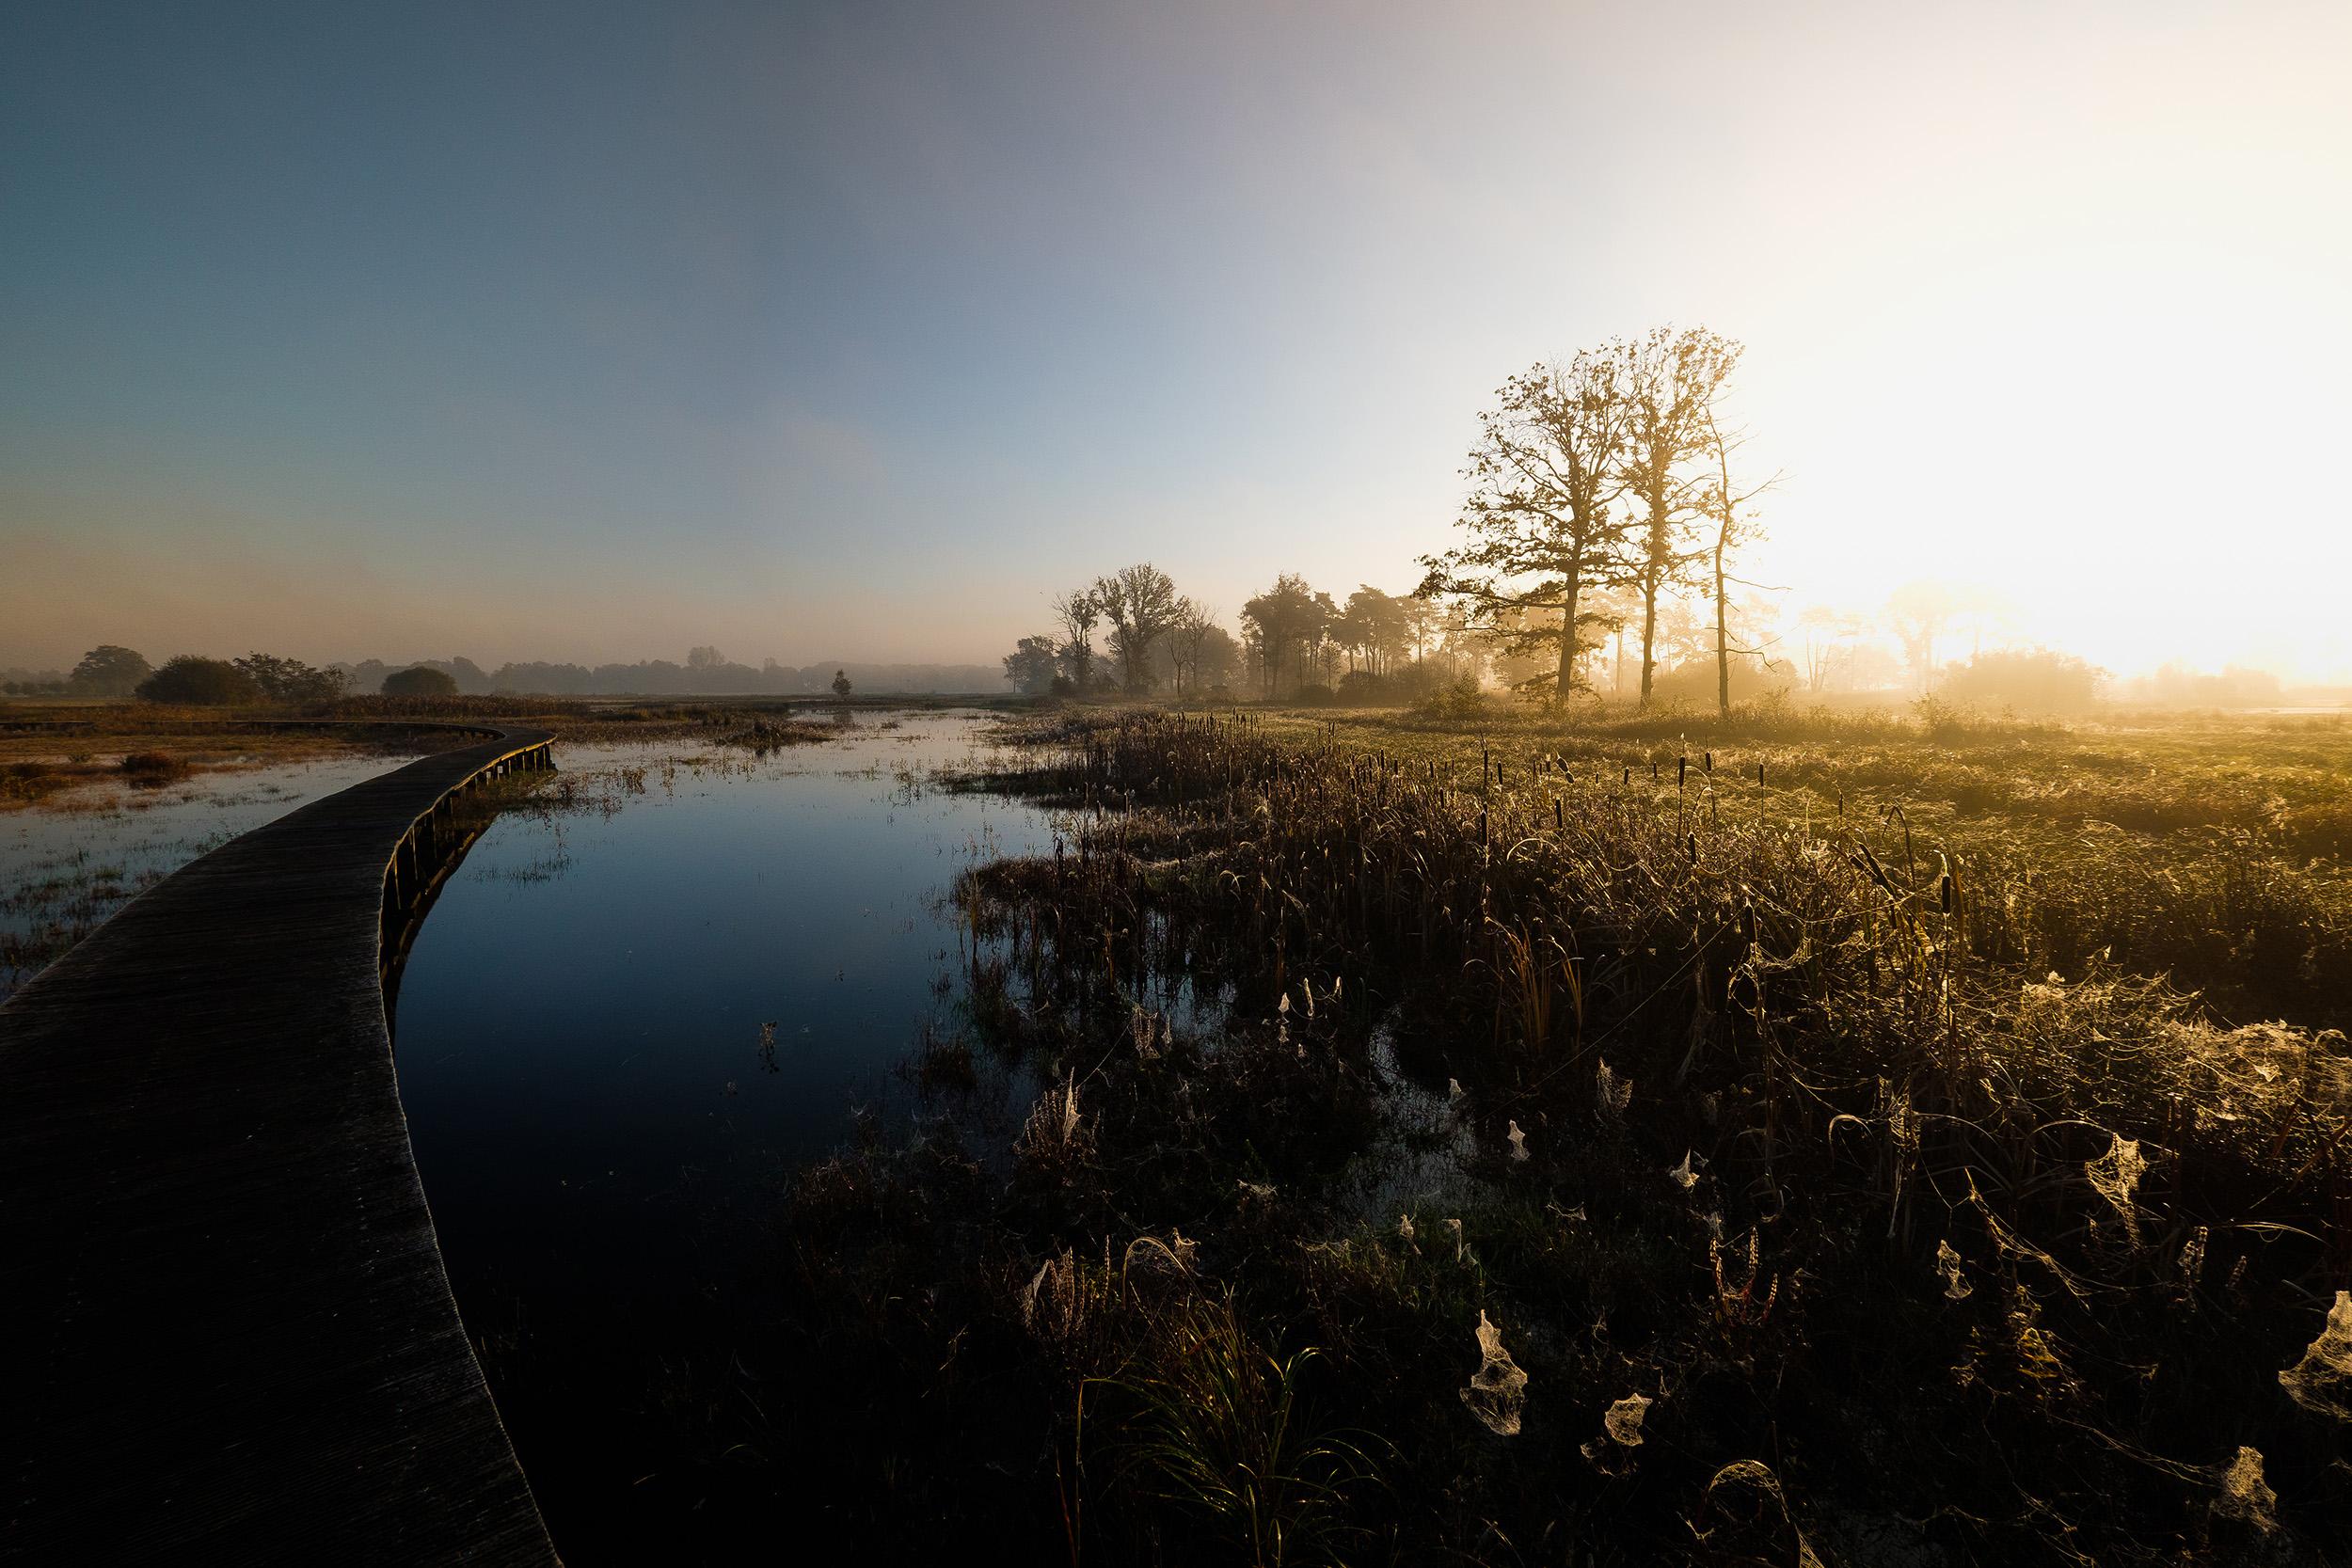 Empese en Tondese Heide (3 of 8).jpg